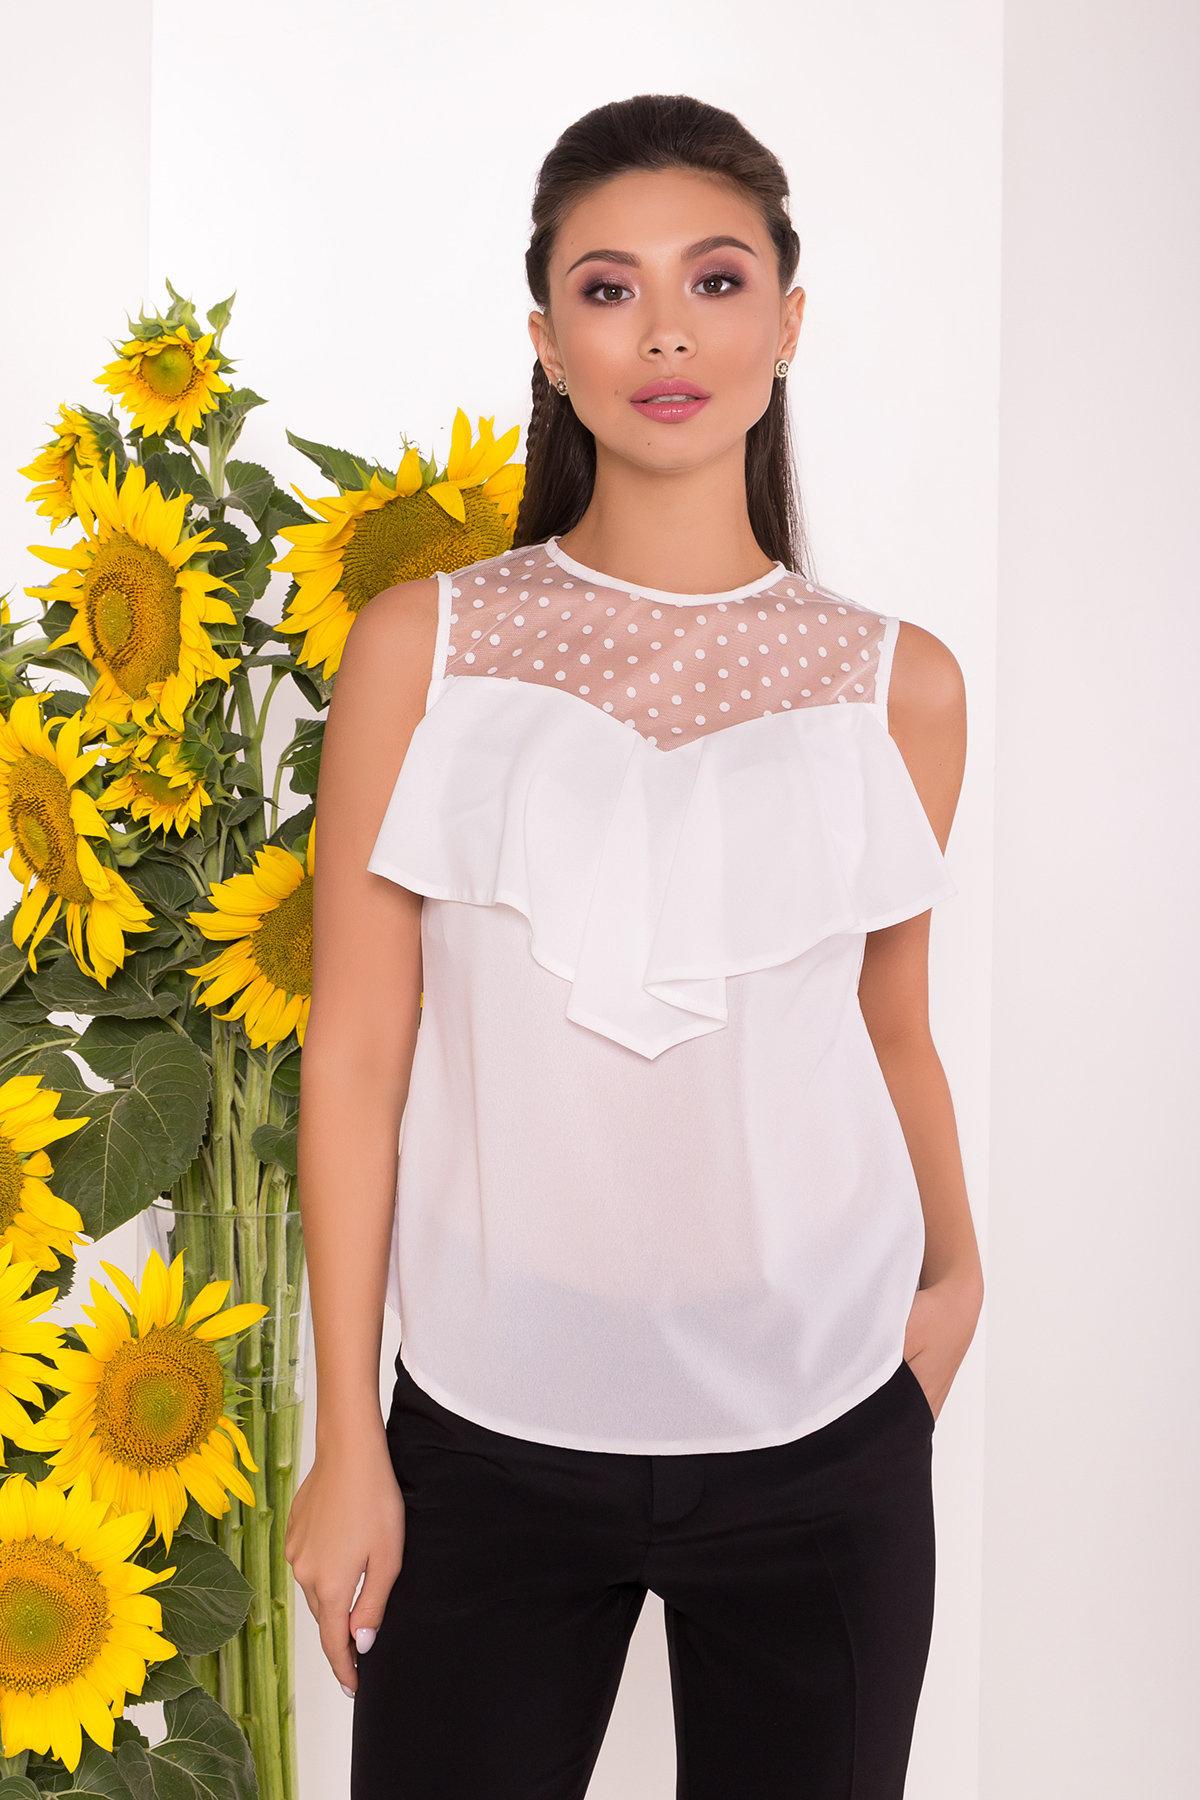 Блузка с оборками на груди Талина 7368 АРТ. 43573 Цвет: Белый - фото 3, интернет магазин tm-modus.ru